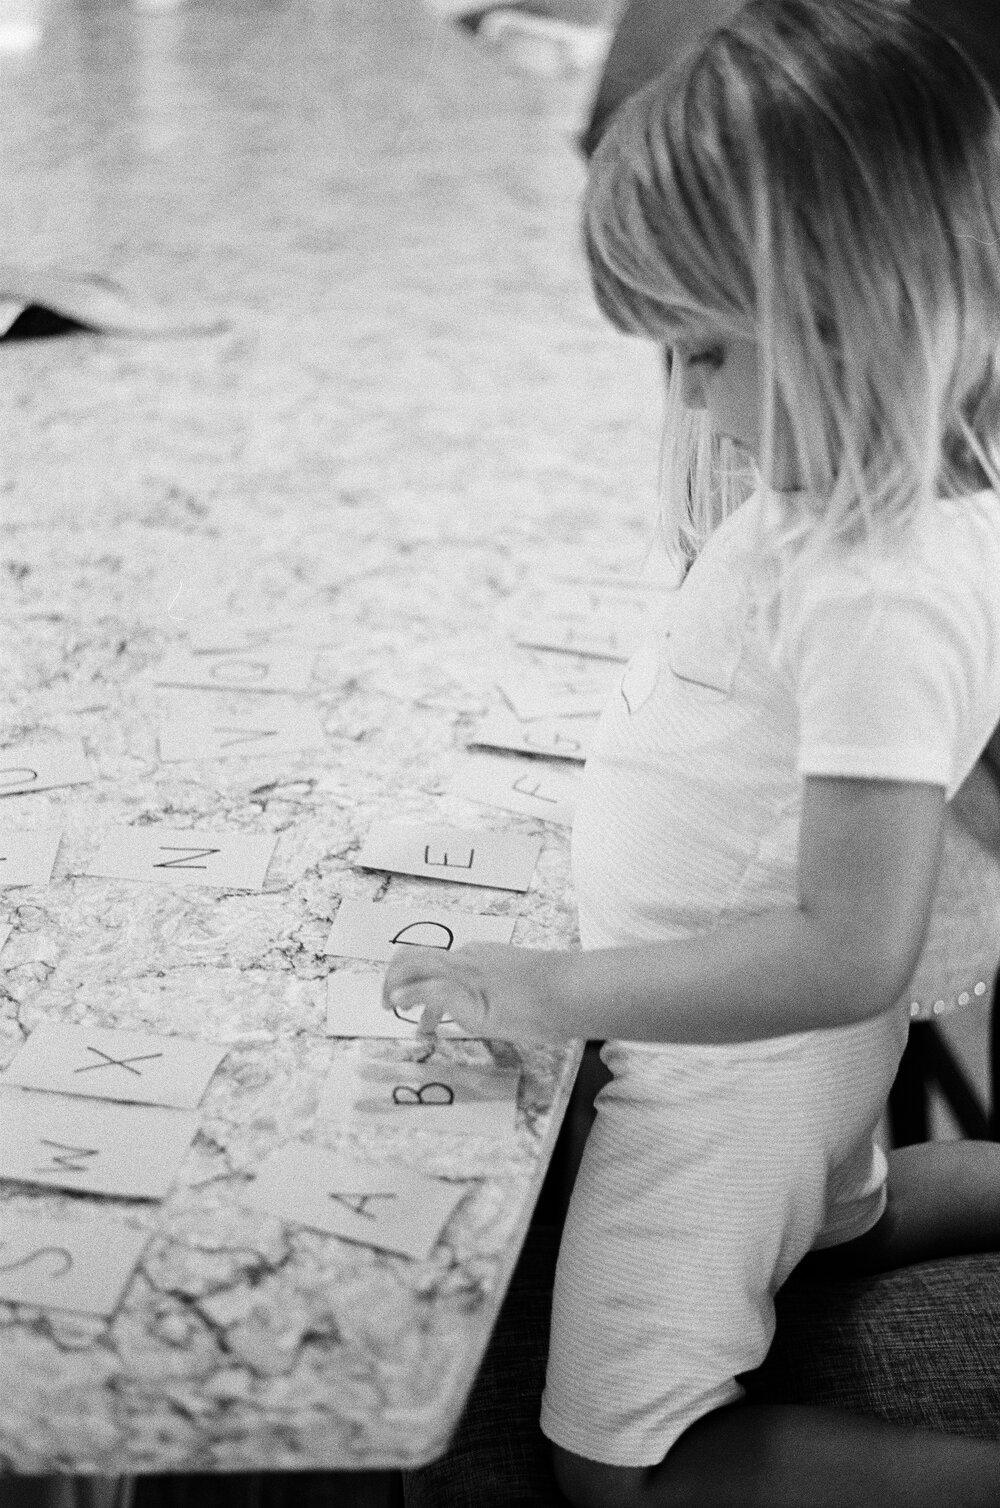 Kids-Home-Pool-CoVid-B&W-Leica-M6-19.jpg